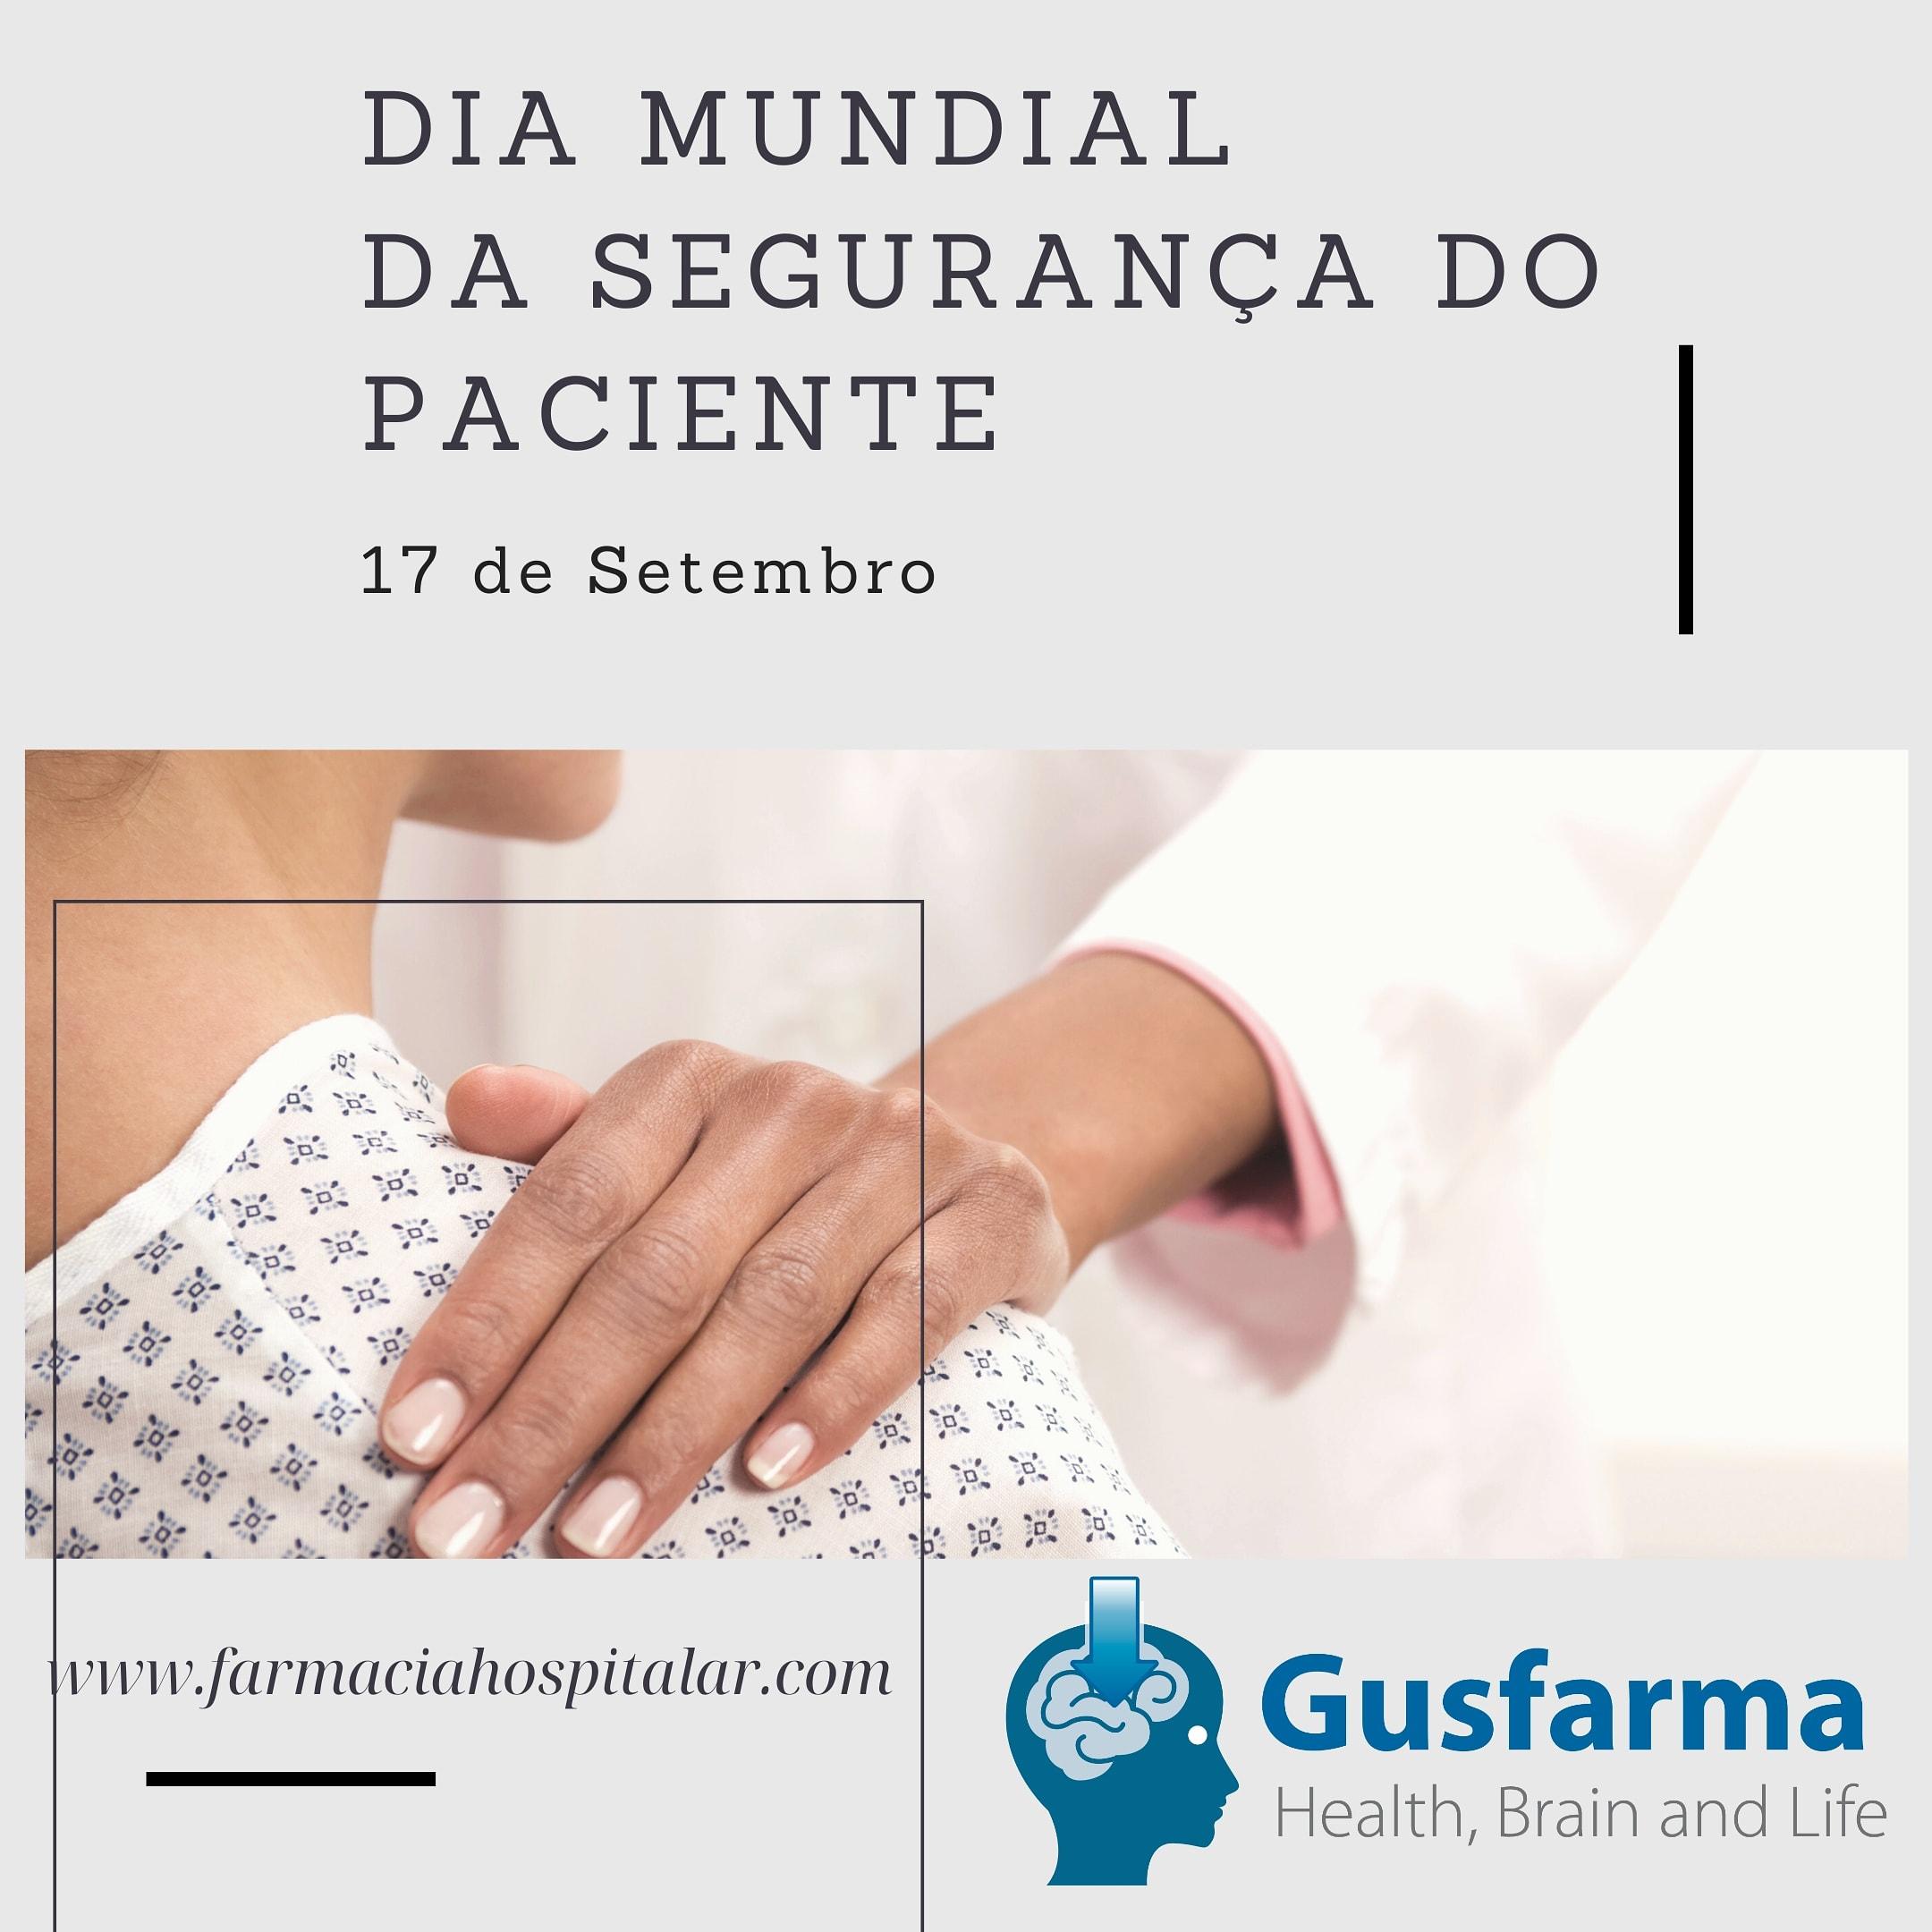 Dia mundial da segurança do paciente.